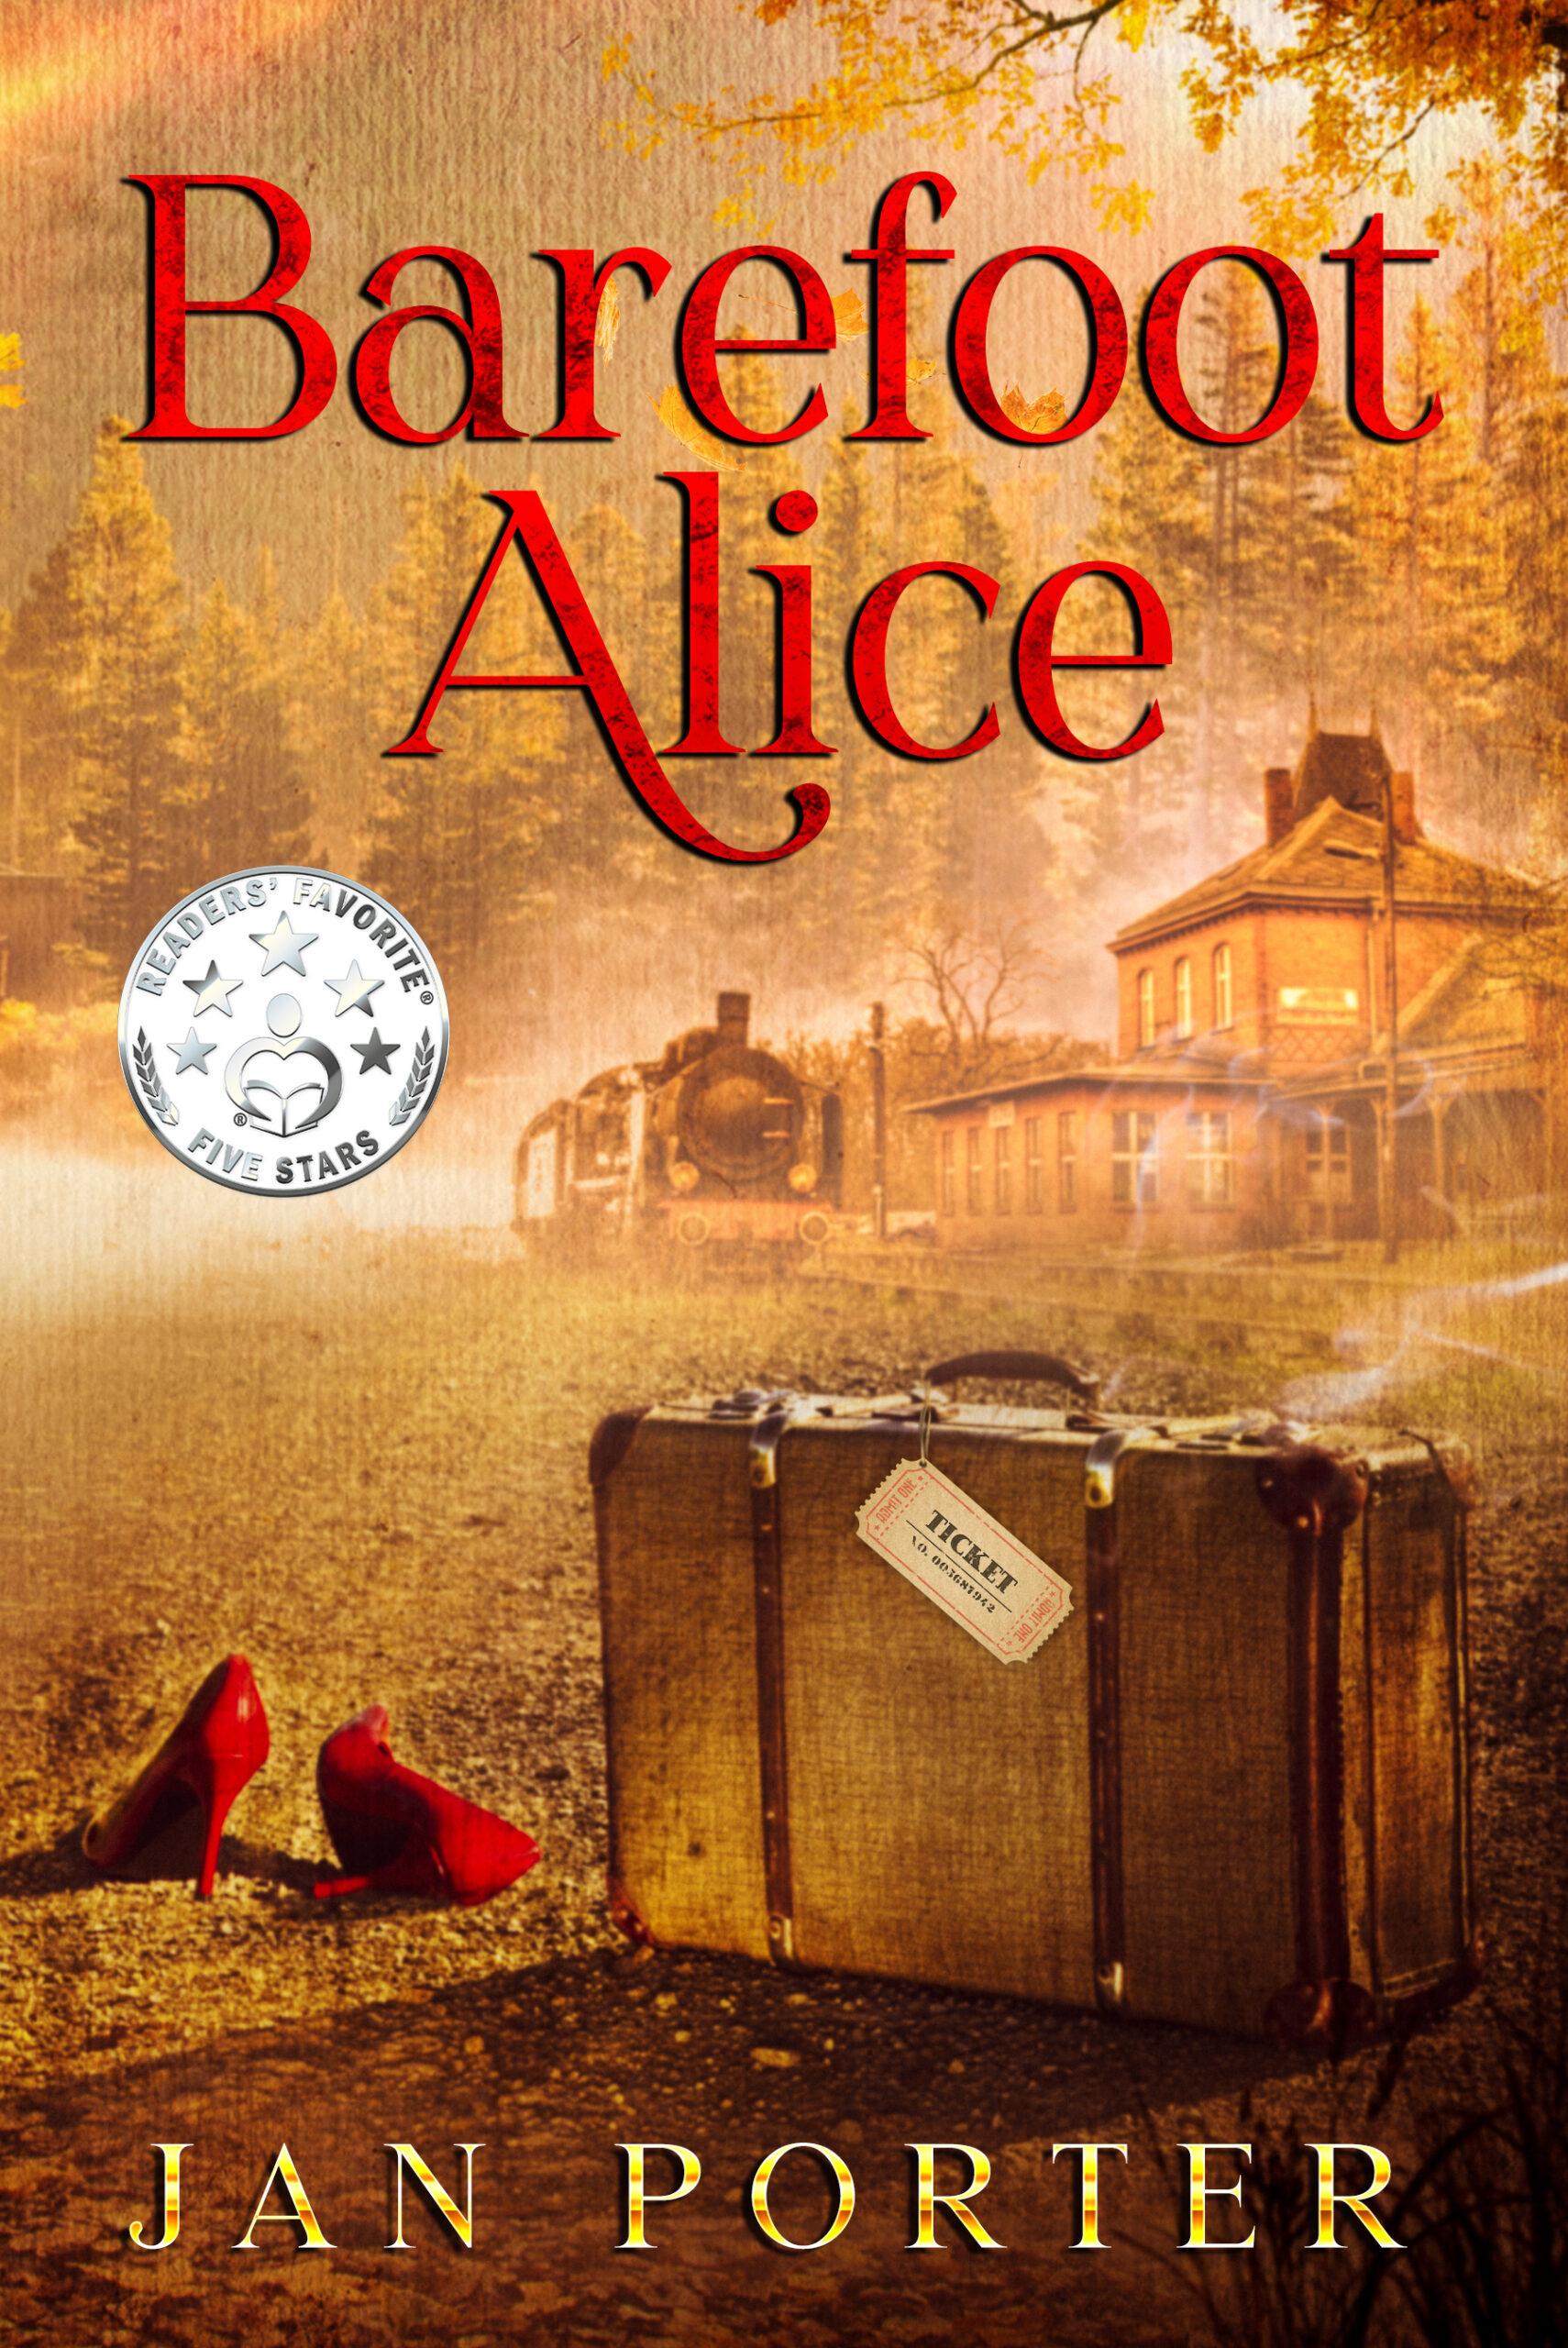 Barefoot-Alice-literaryfiction-contemporarywomen-ebook-by-janporter-www.janporter.ca_.jpg